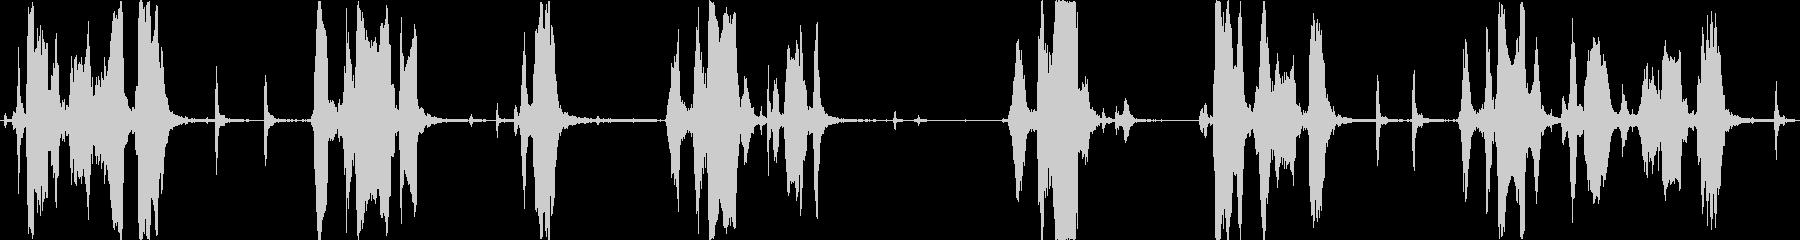 メガホンは手を上げて出てきますの未再生の波形